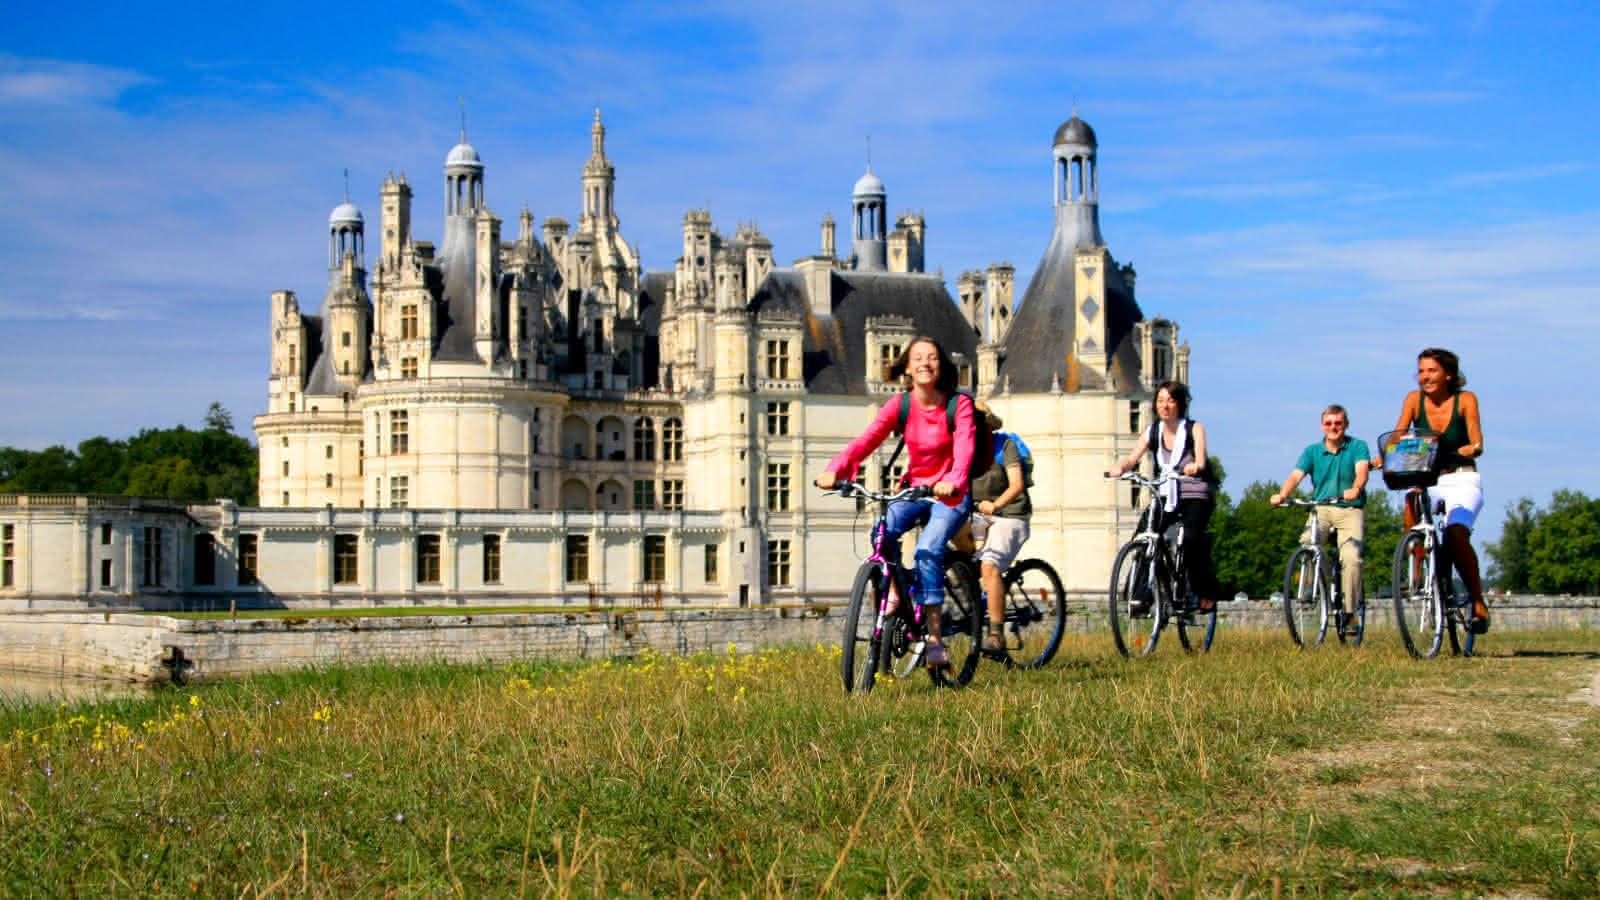 Chateau-de-chambord-et-velos©Enola-Creation-ADT41 (1)